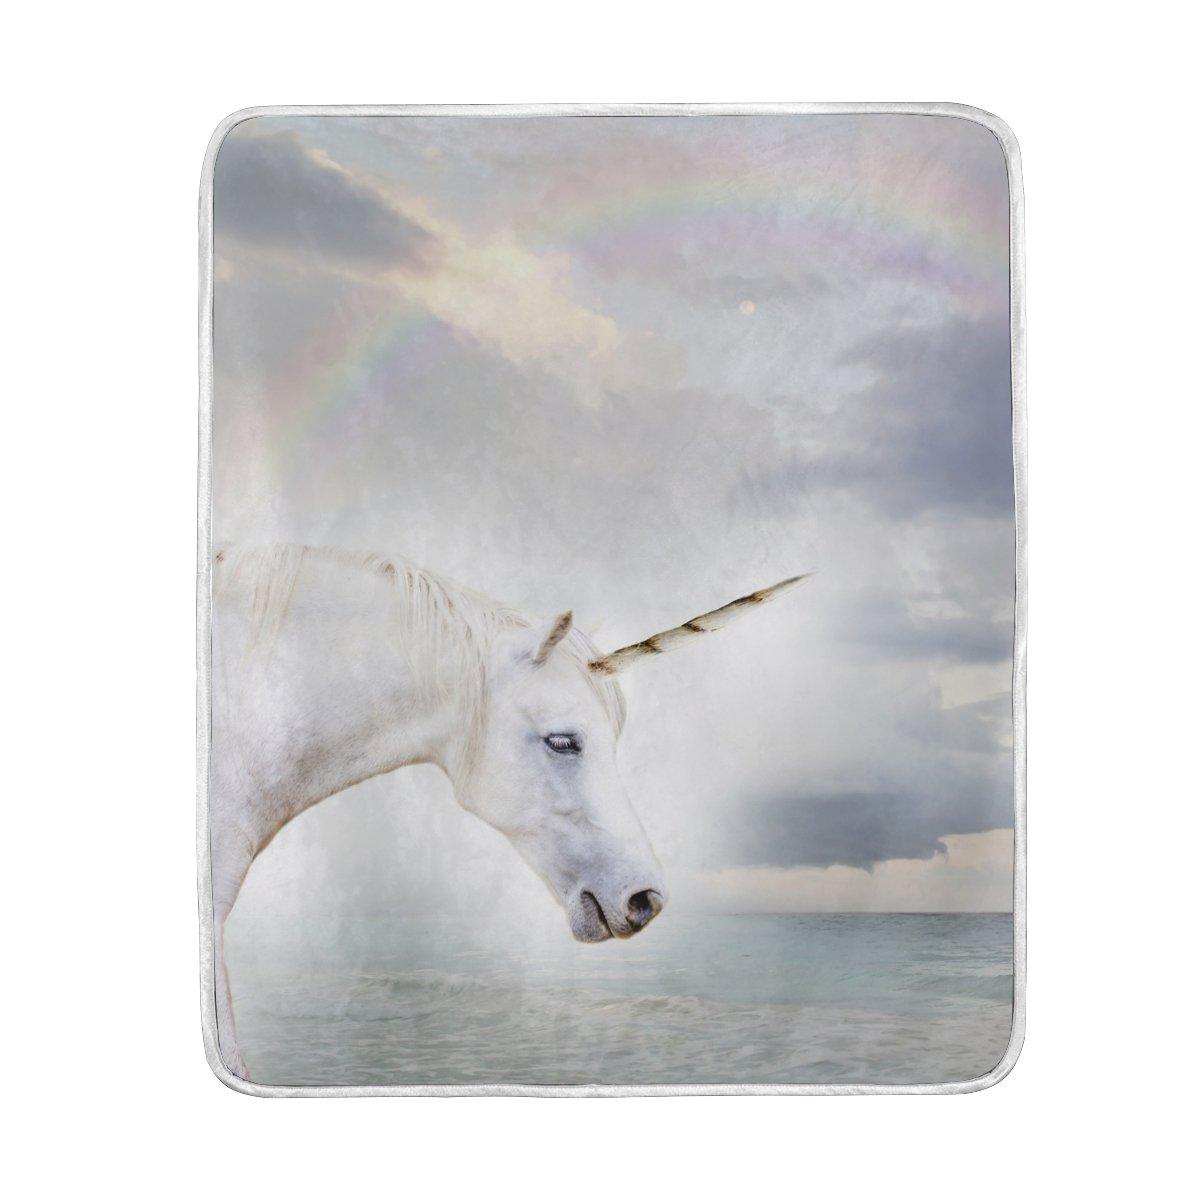 mydaily unicornio y arco iris manta sofá cama manta microfibra de poliéster ligero suave y cálida manta 50x60 Pulgadas/127x152cm: Amazon.es: Hogar